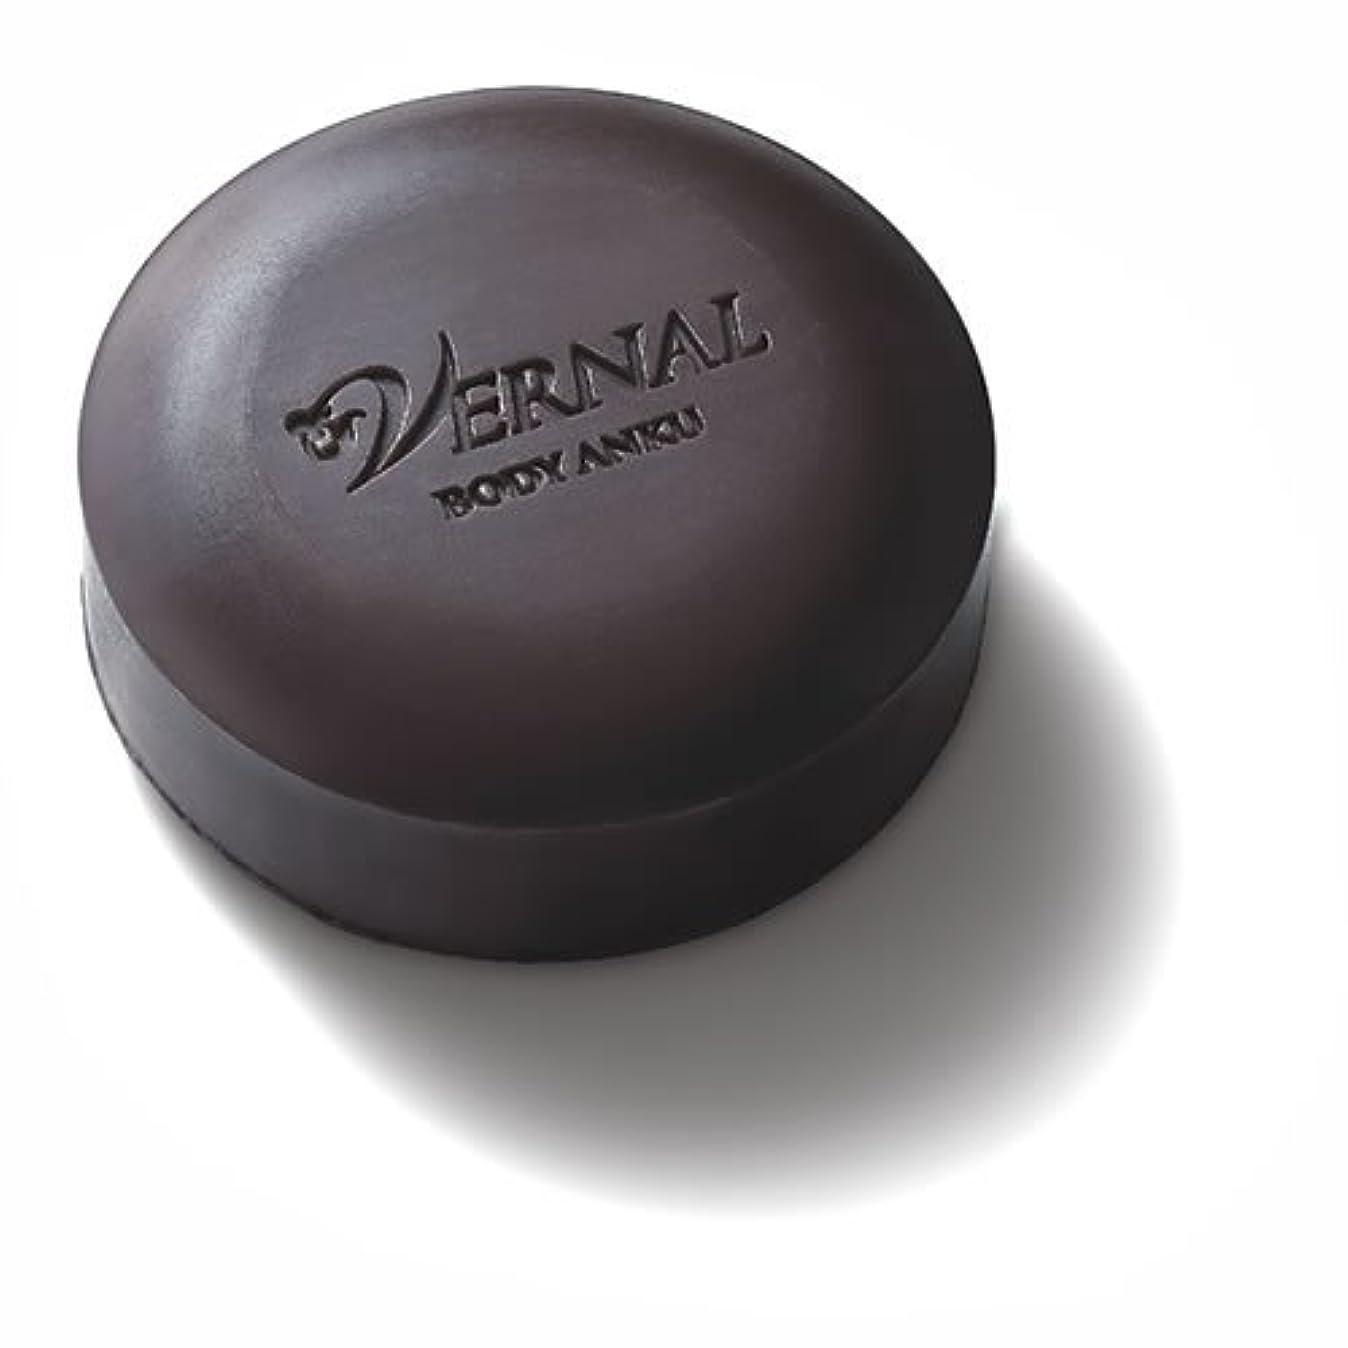 ウッズティーンエイジャー一般的にボディアンク/ヴァーナル ボディ用 石鹸 デオドラント